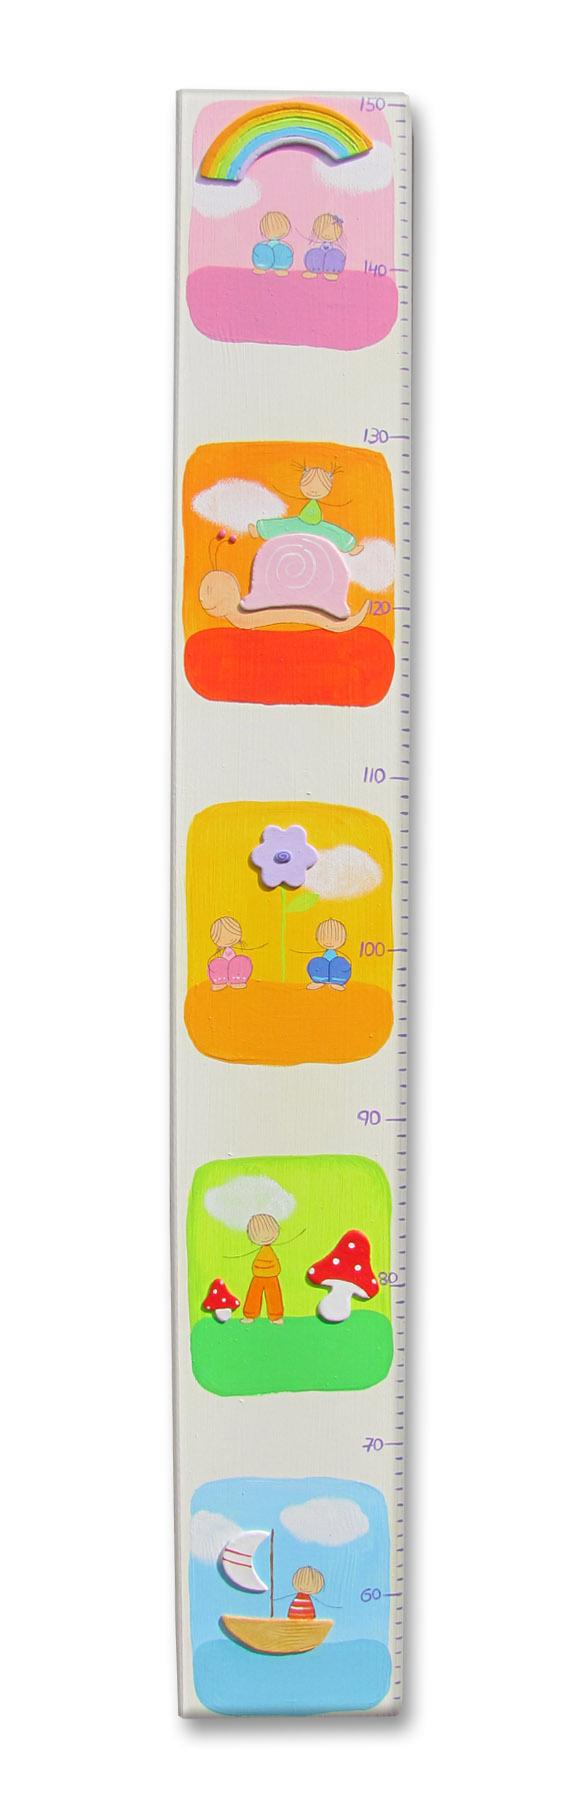 מד גובה - ילדים וילדות בחלונות צבעוניים 1